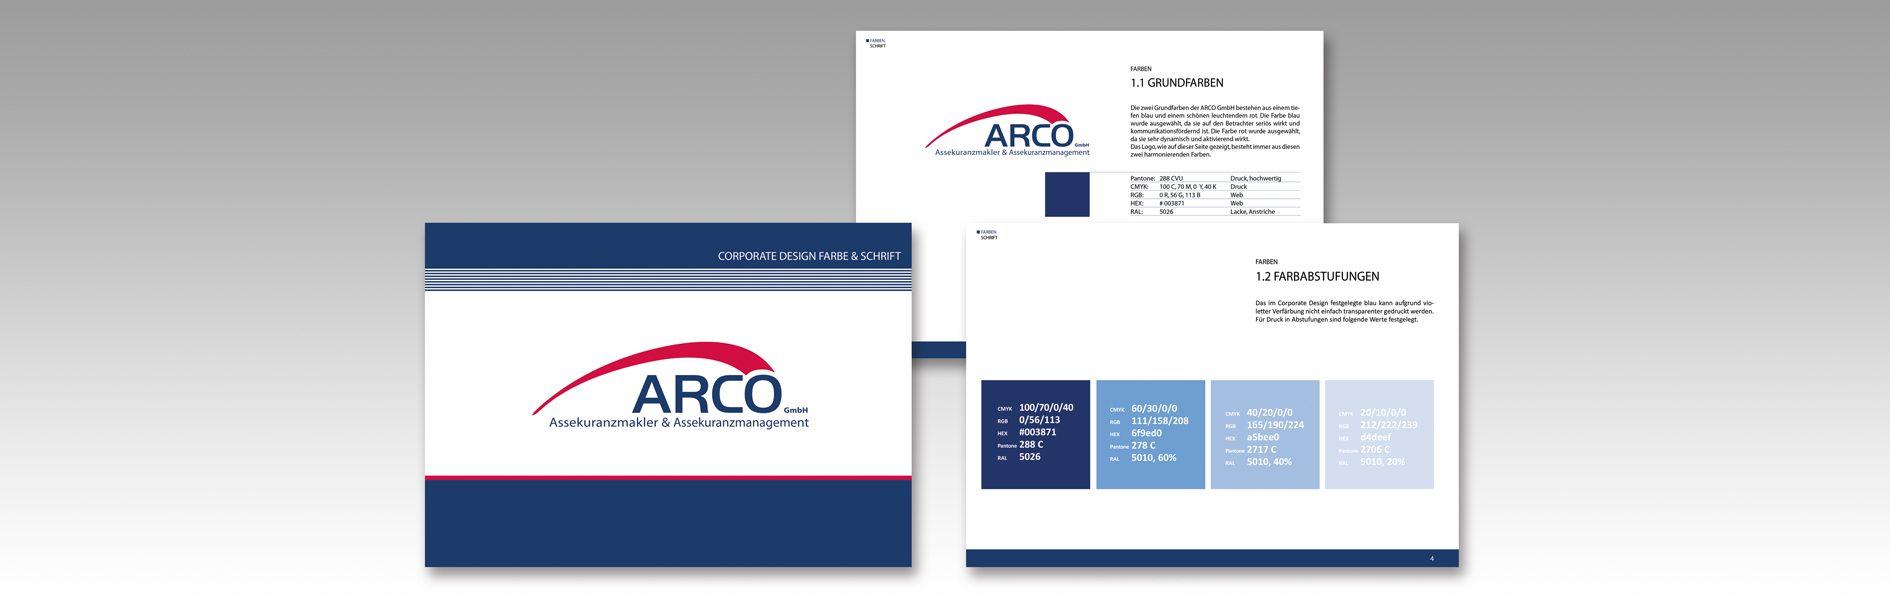 Hier ist das CDManual von ARCO zu sehen.